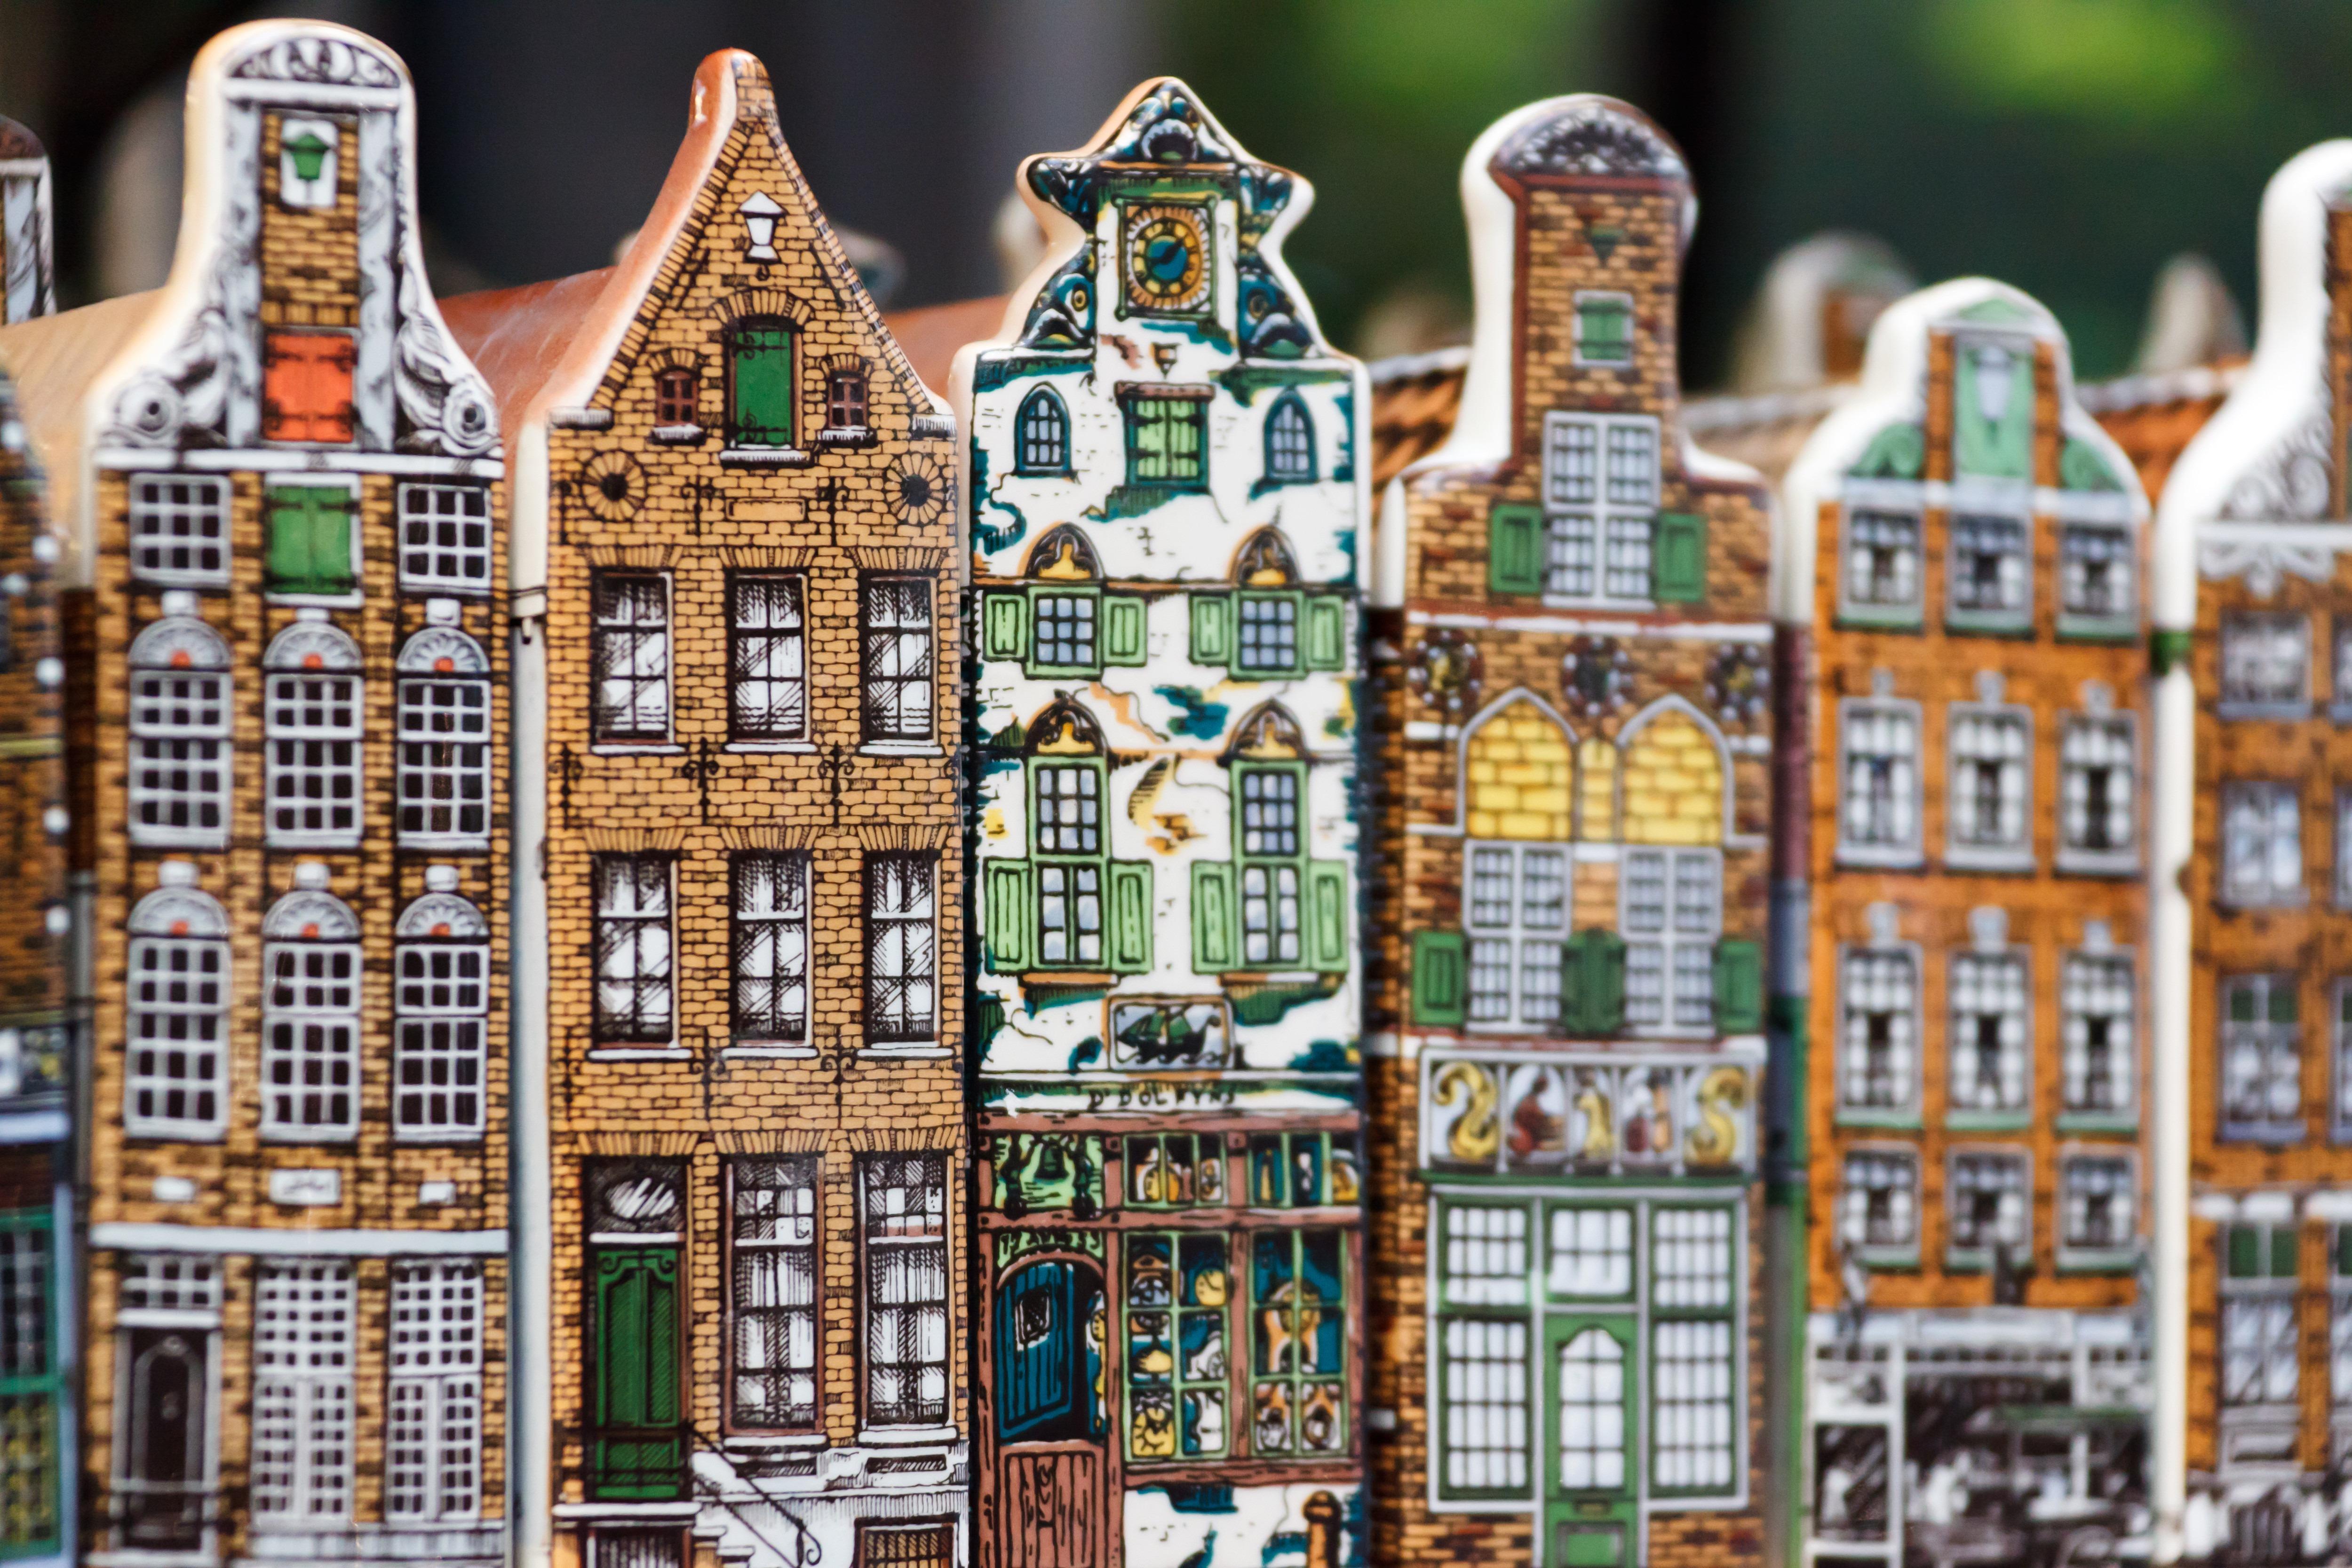 Kostenlose foto : die Architektur, Haus, Fenster, Gebäude, Stadt ...